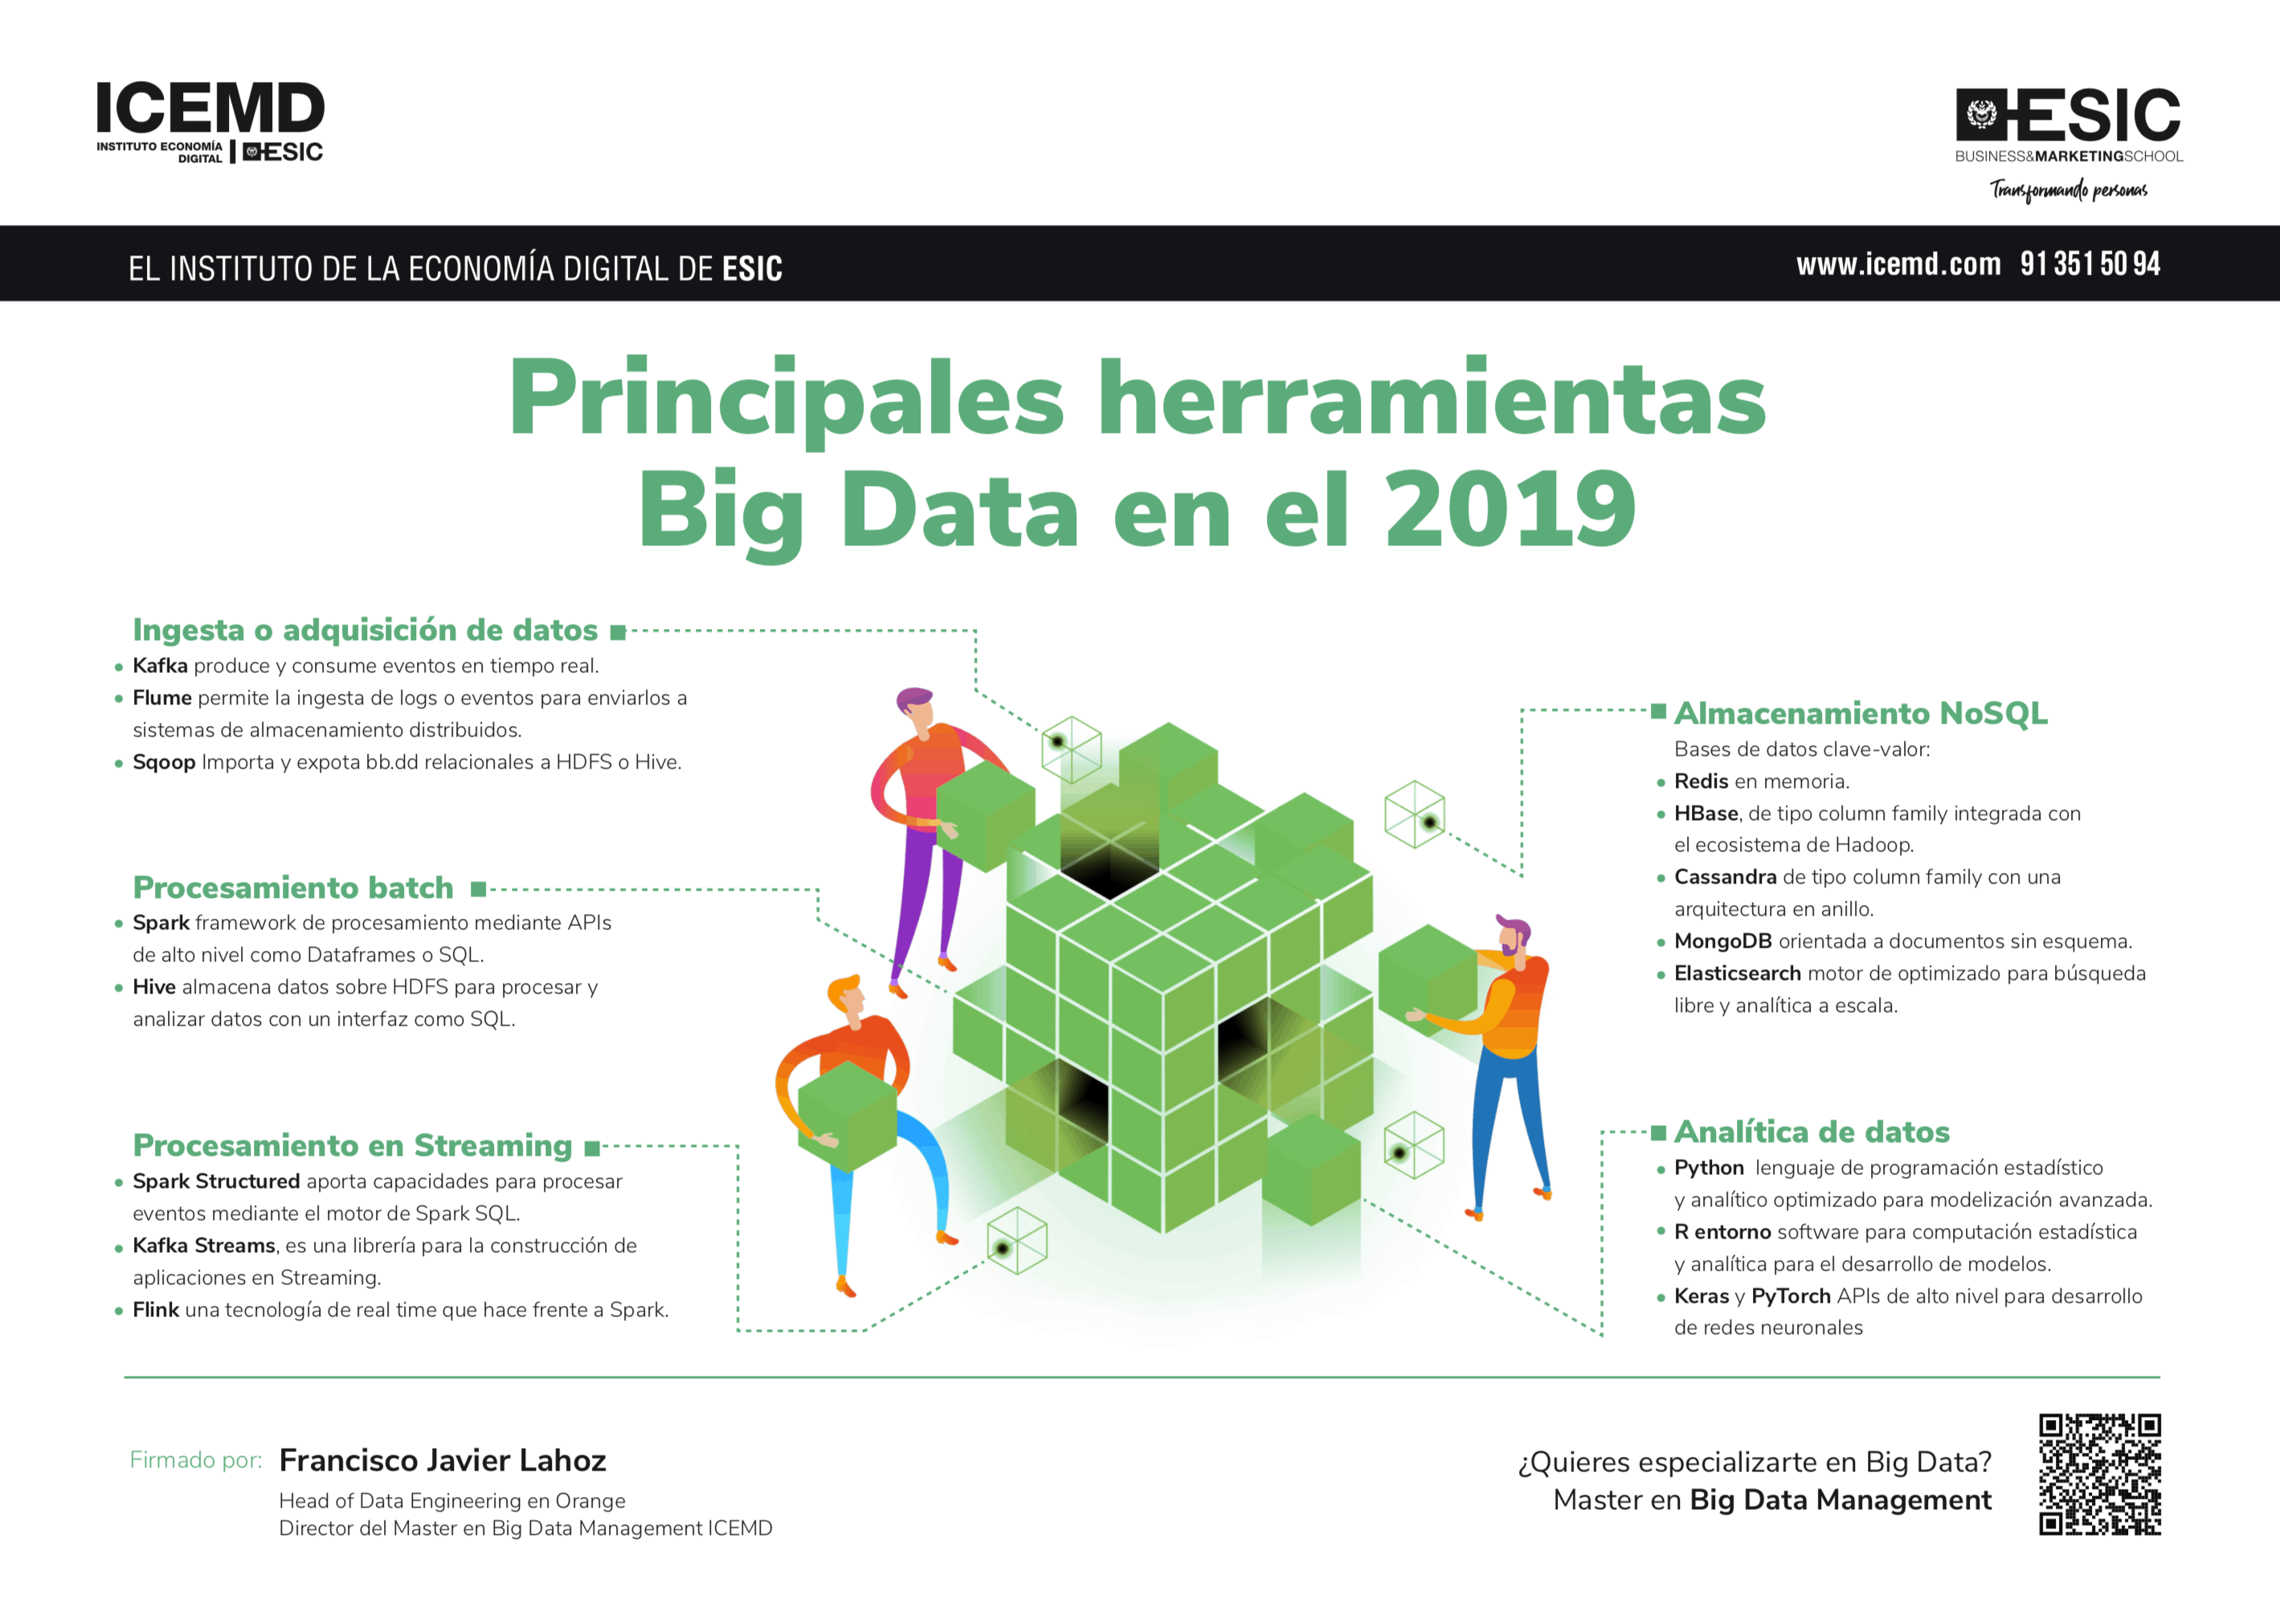 herramientas big data 2019